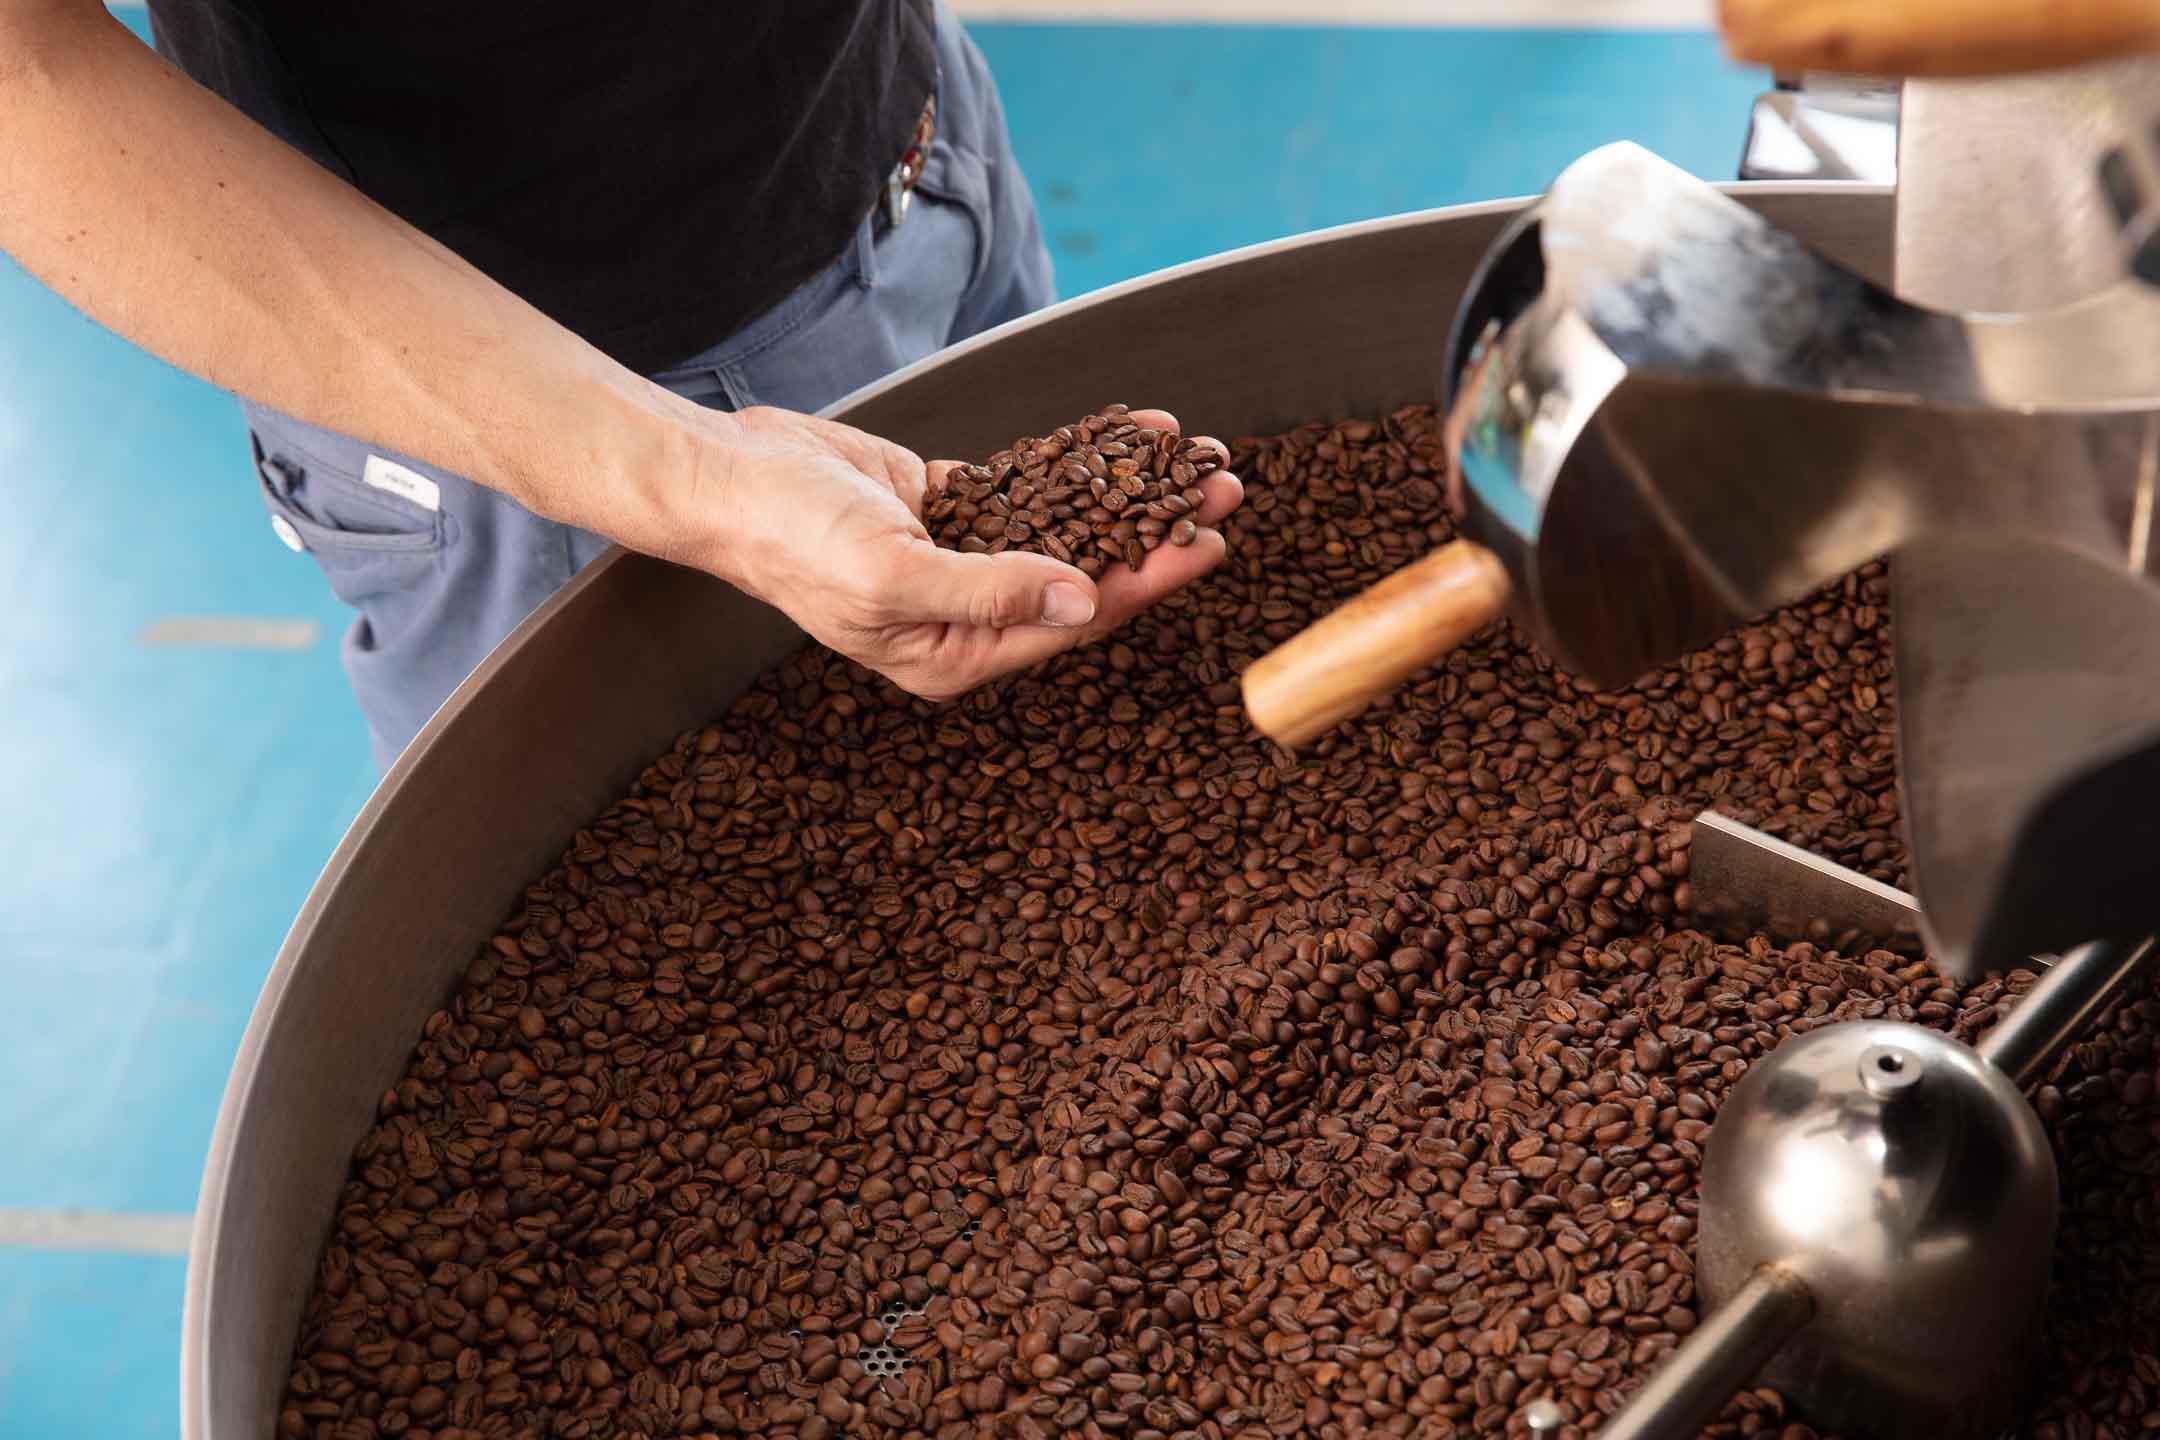 Kaffeeröster kontrolliert frisch geröstete Kaffeebohnen